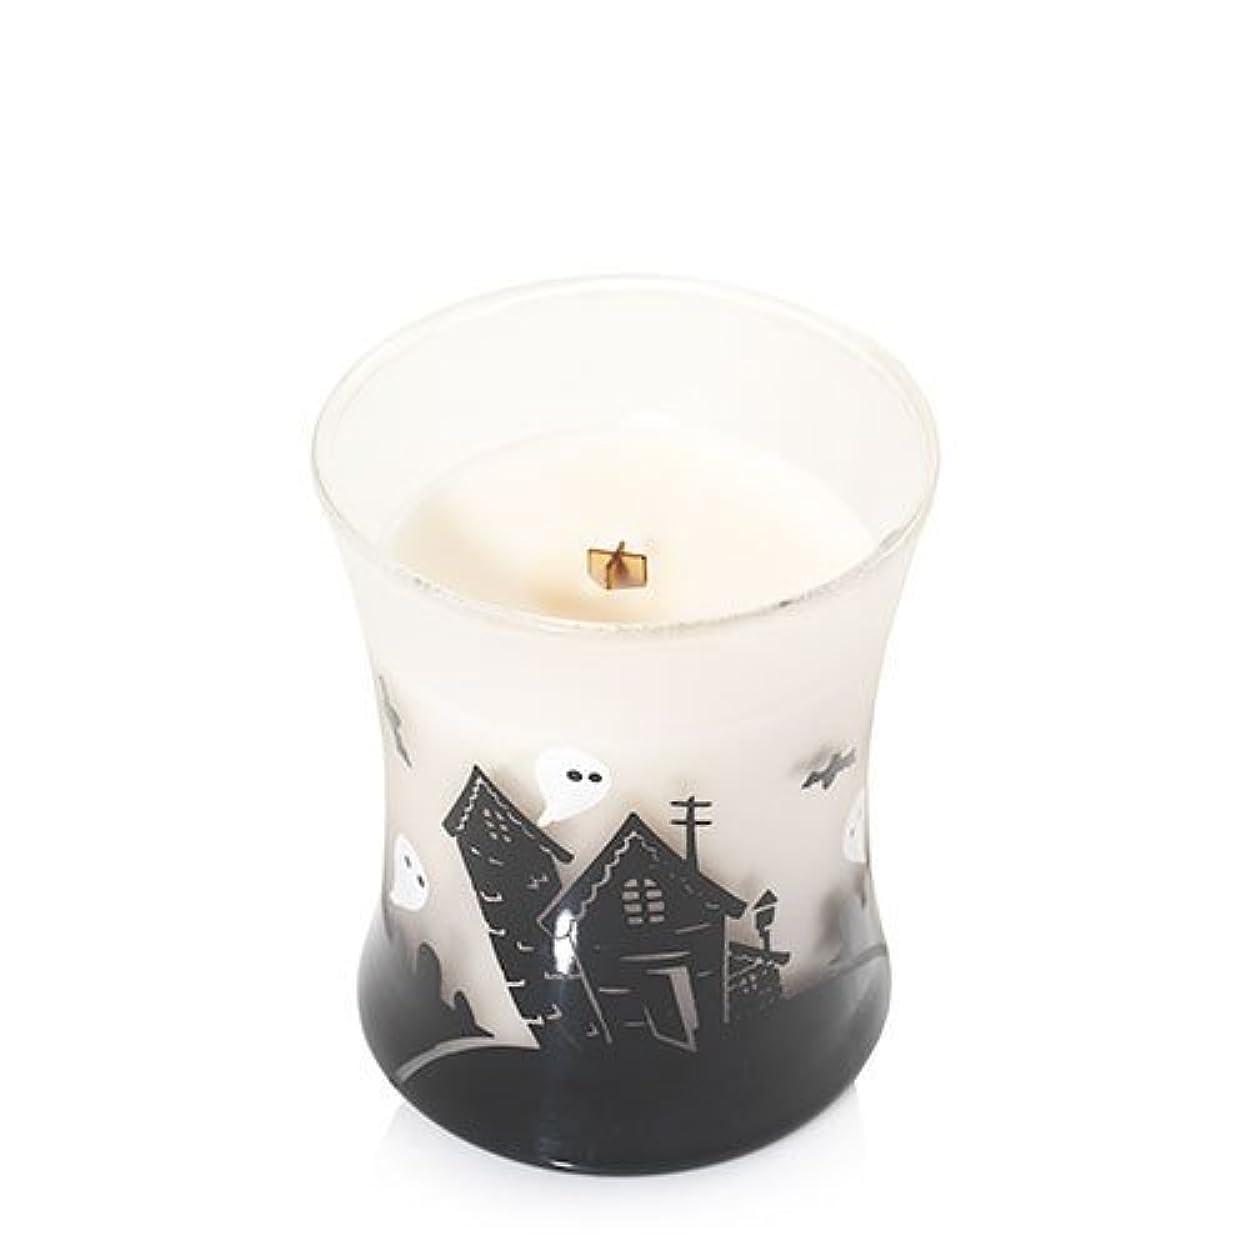 バナナスコットランド人対Yankee Candleお化け屋敷ハロウィンコレクション – Vanilla Bean